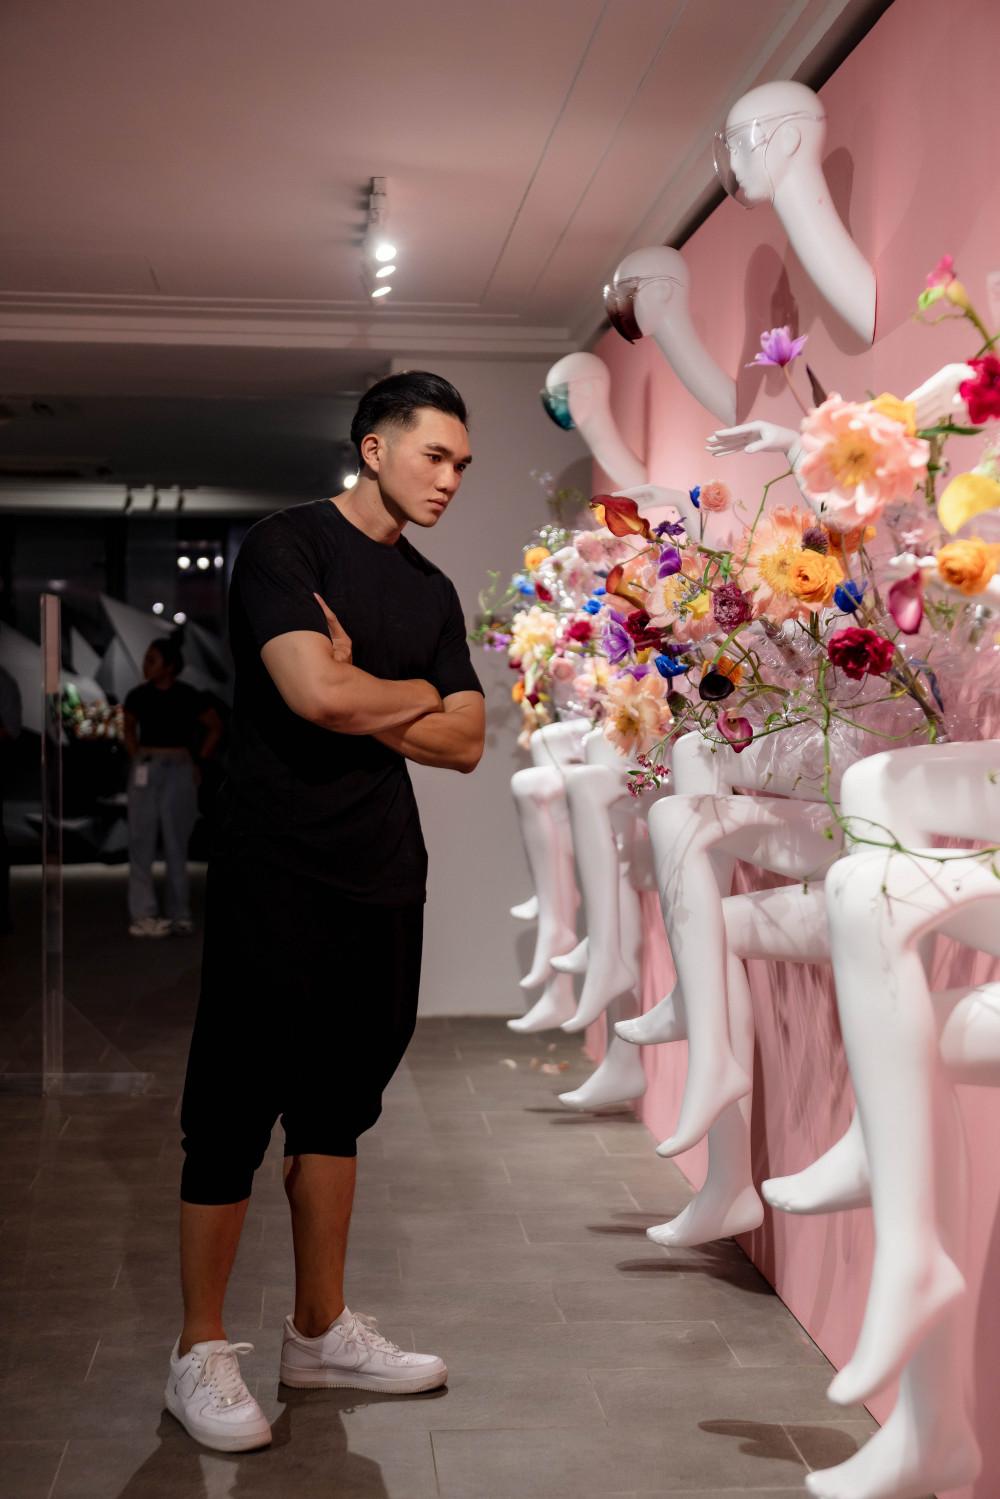 Triển lãm Plus do giám đốc sáng tạo Bảo Nam tổ chức đang thu hút sự quan tâm của dư luận, đặc biệt nhiều bạn trẻ yêu thích vẻ đẹp của hoa, nghệ thuật.